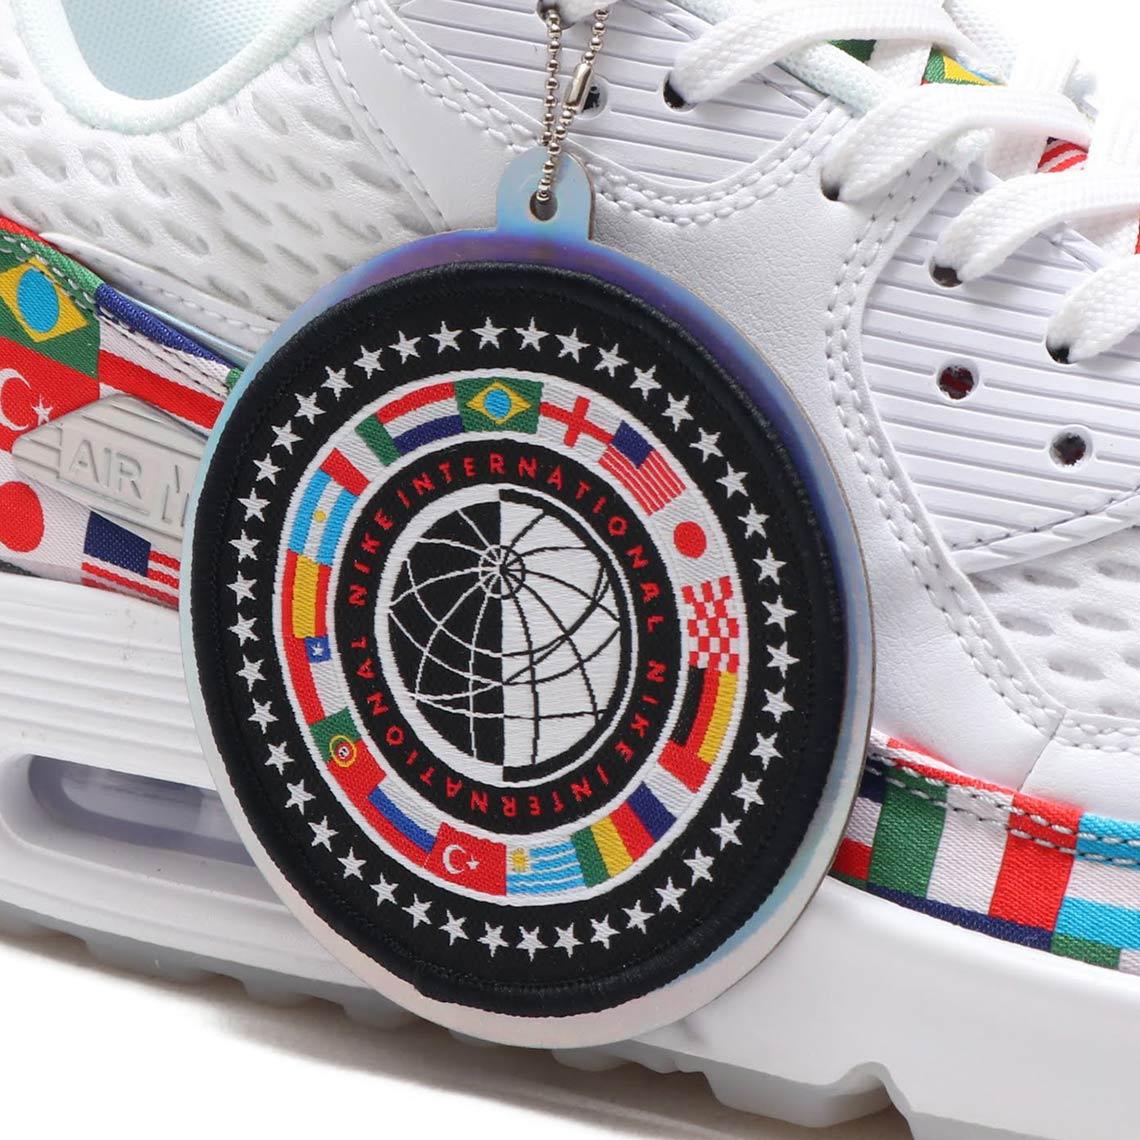 083d3b364b2 Nike Air Max 90 EM